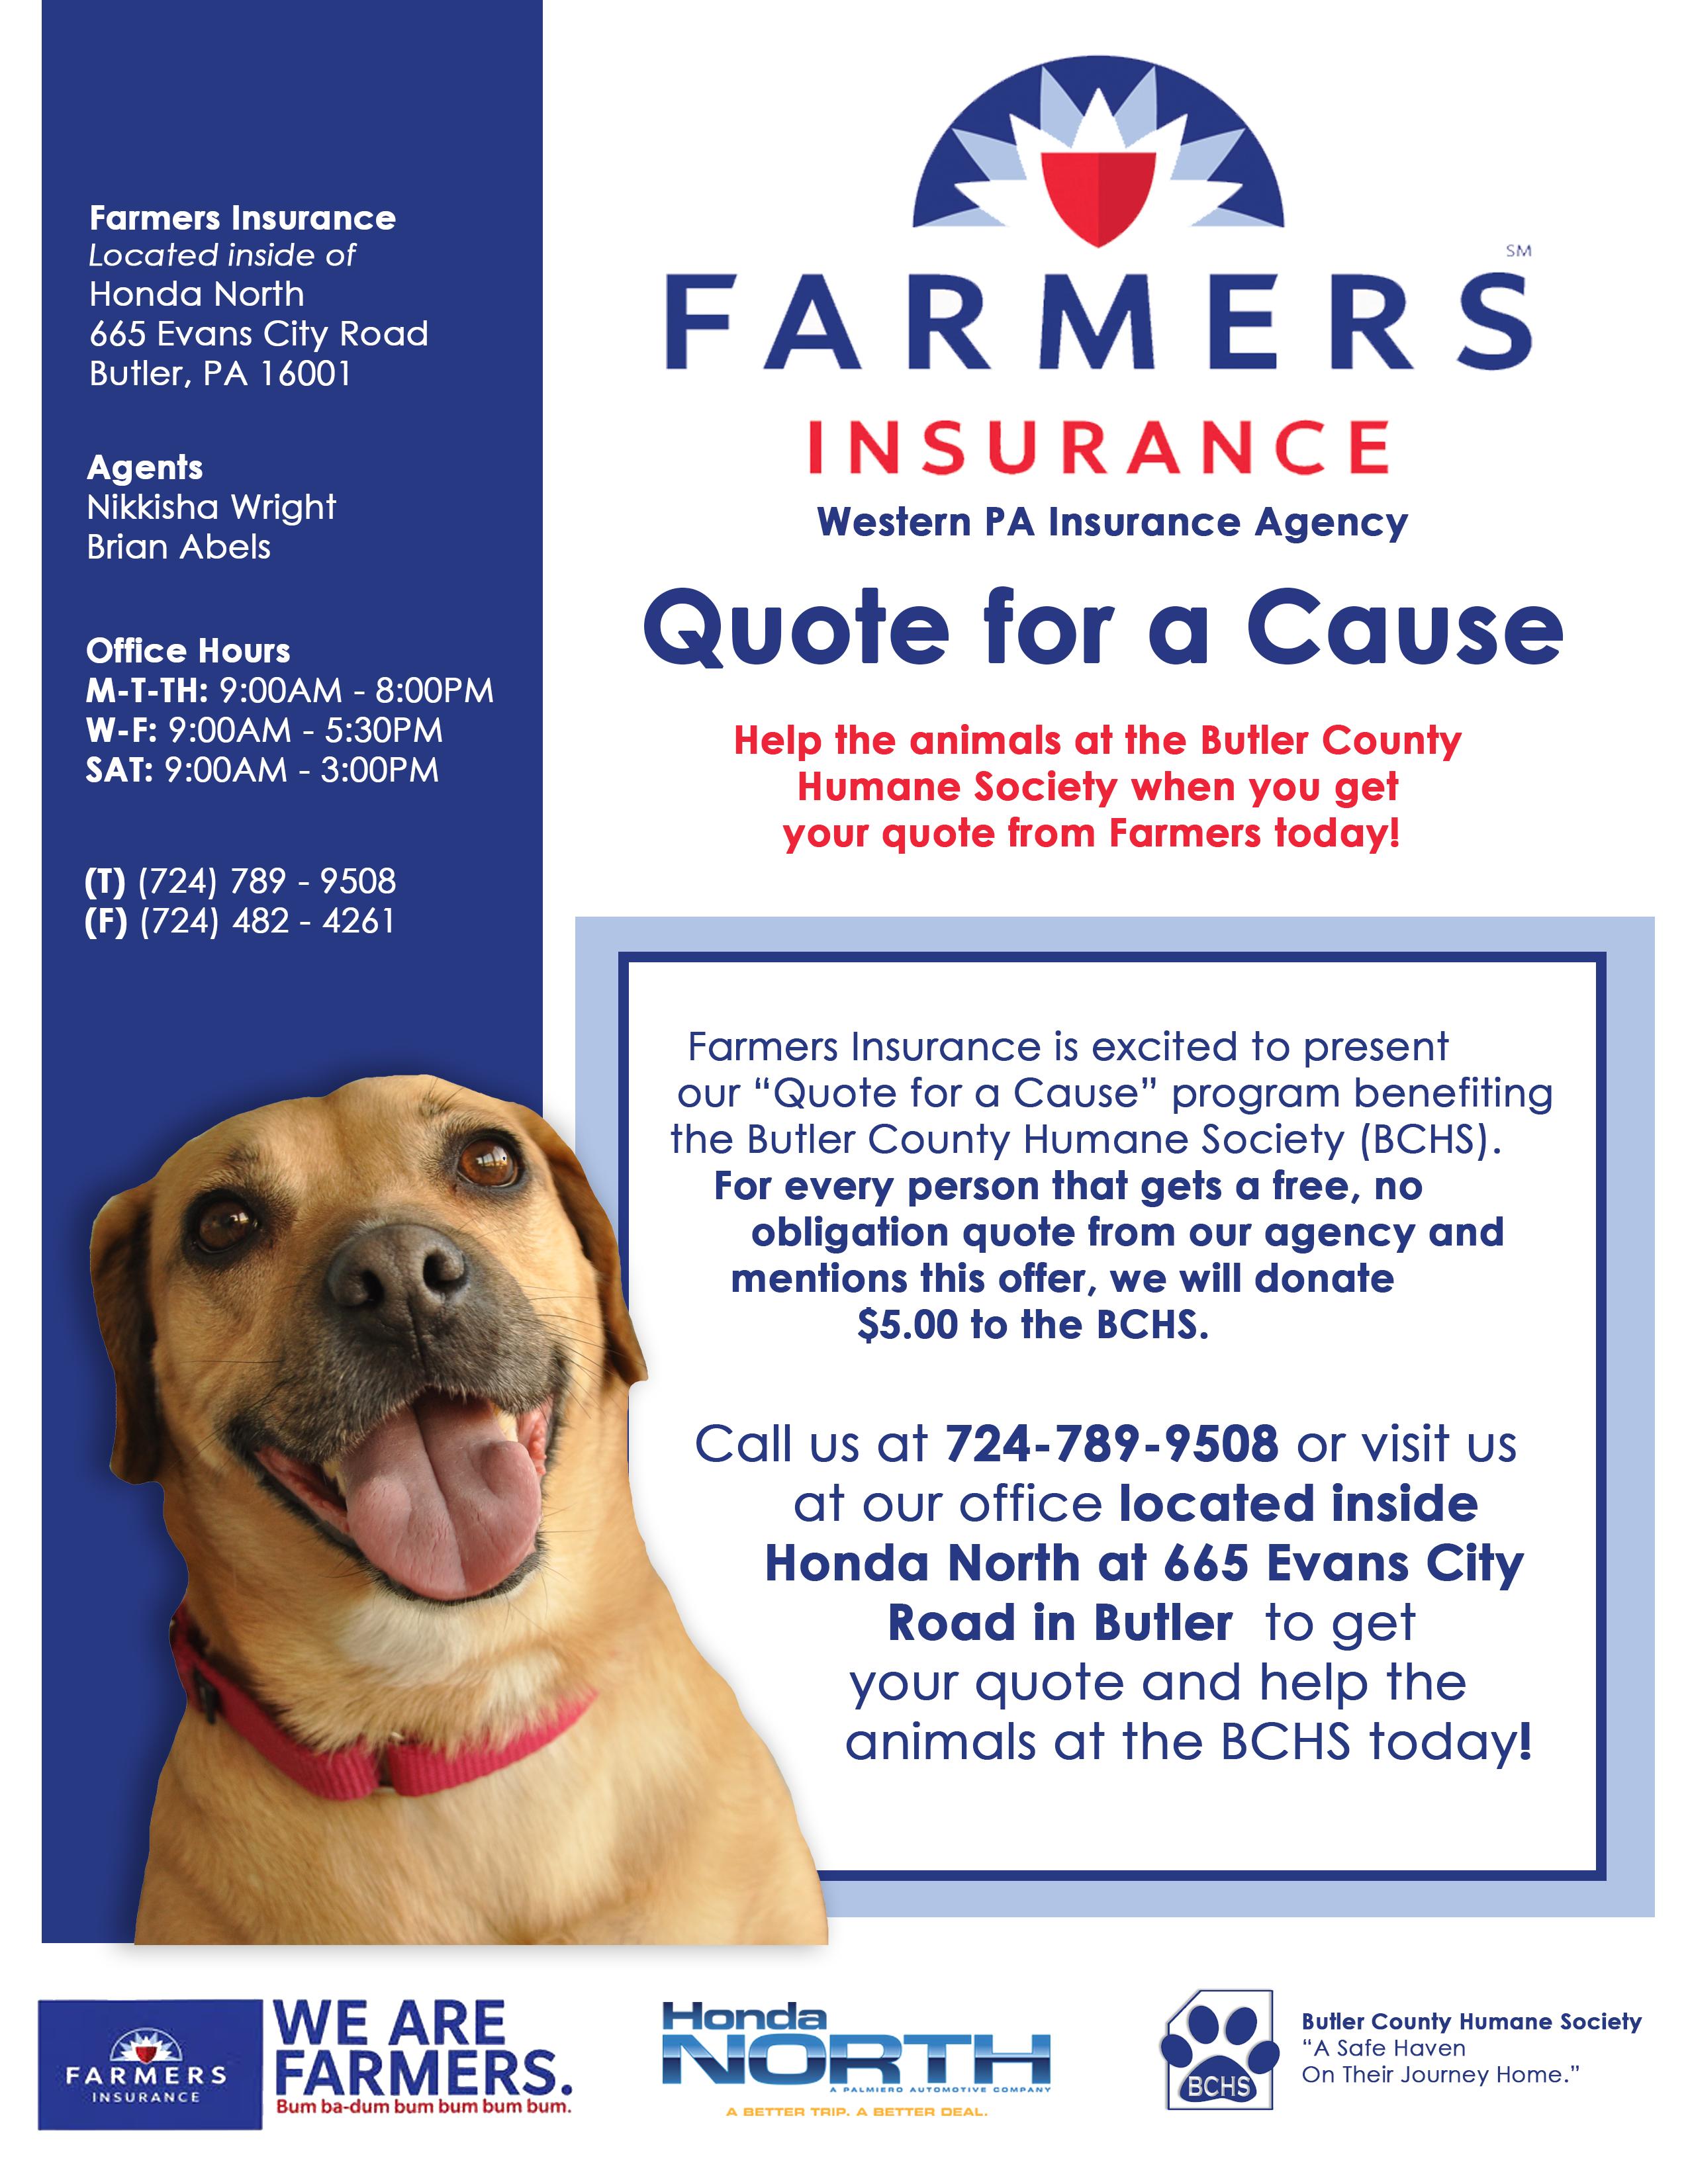 Farmers Insurance Western Pa Insurance Agency Insurance Agency